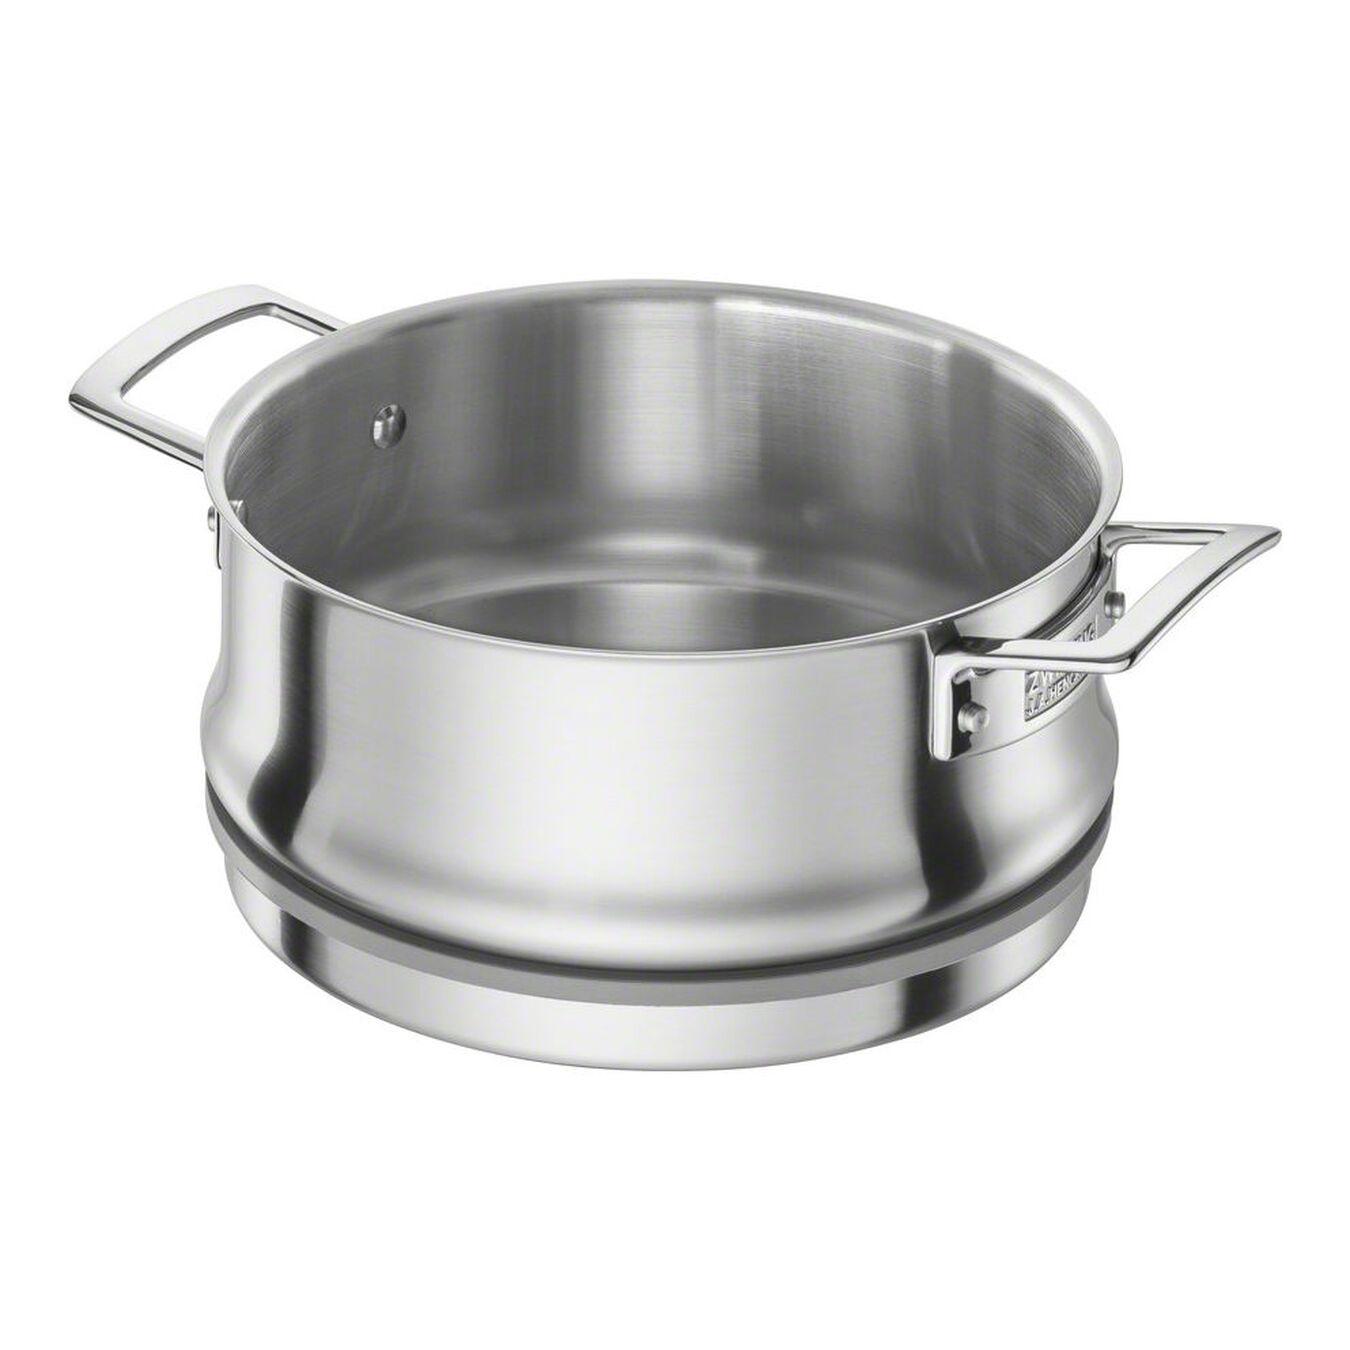 10-pcs 18/10 Stainless Steel Ensemble de casseroles et poêles,,large 2